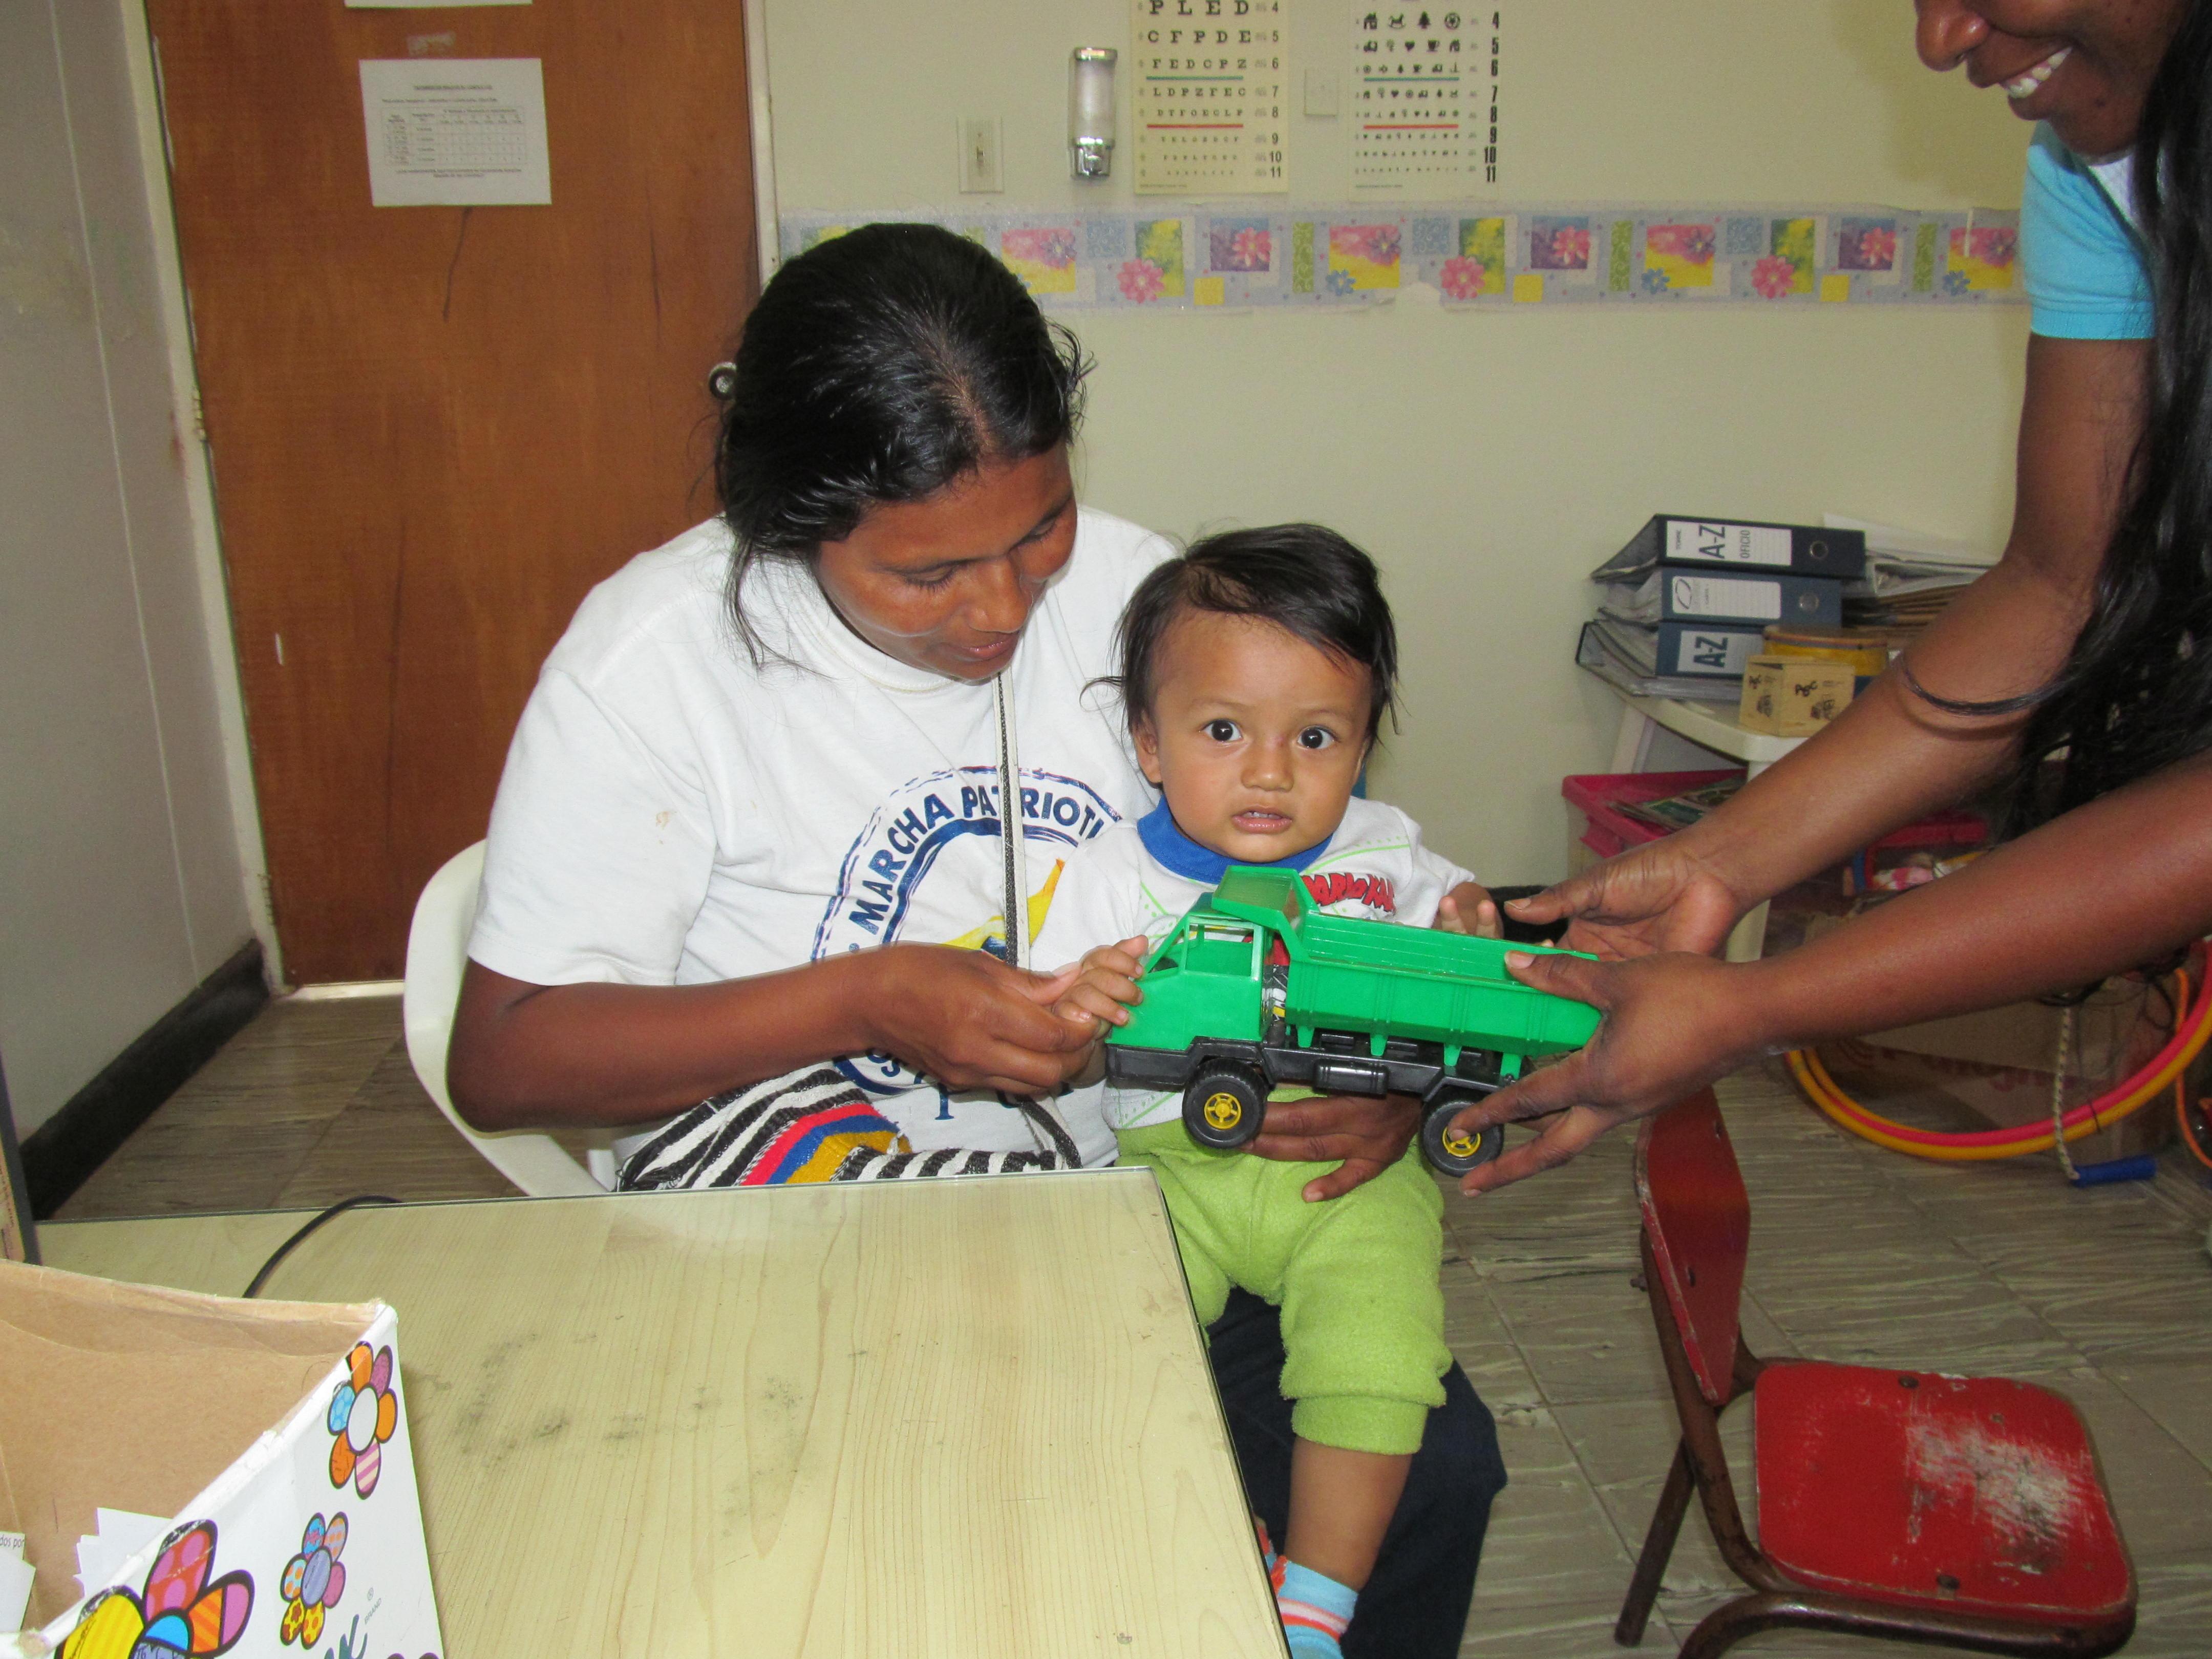 servicio-de-maternidad-esenorte-cauca-colombia